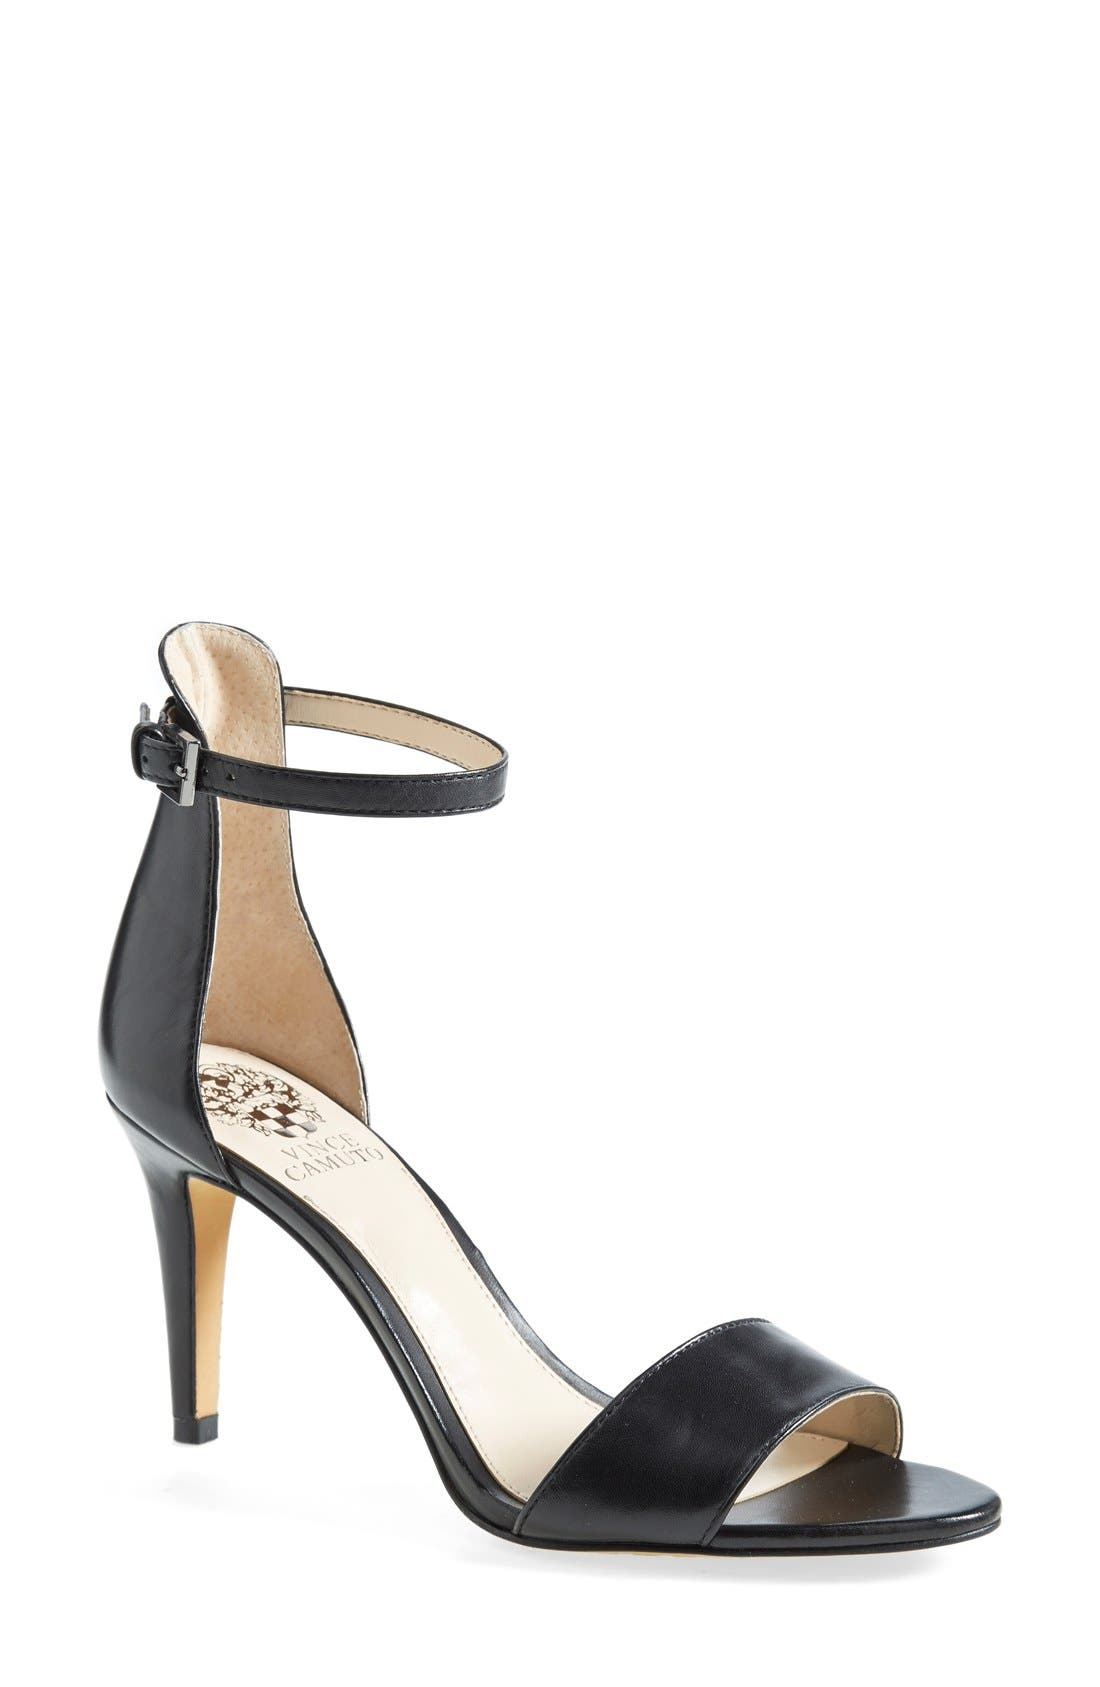 VINCE CAMUTO, 'Court' Ankle Strap Sandal, Main thumbnail 1, color, 001